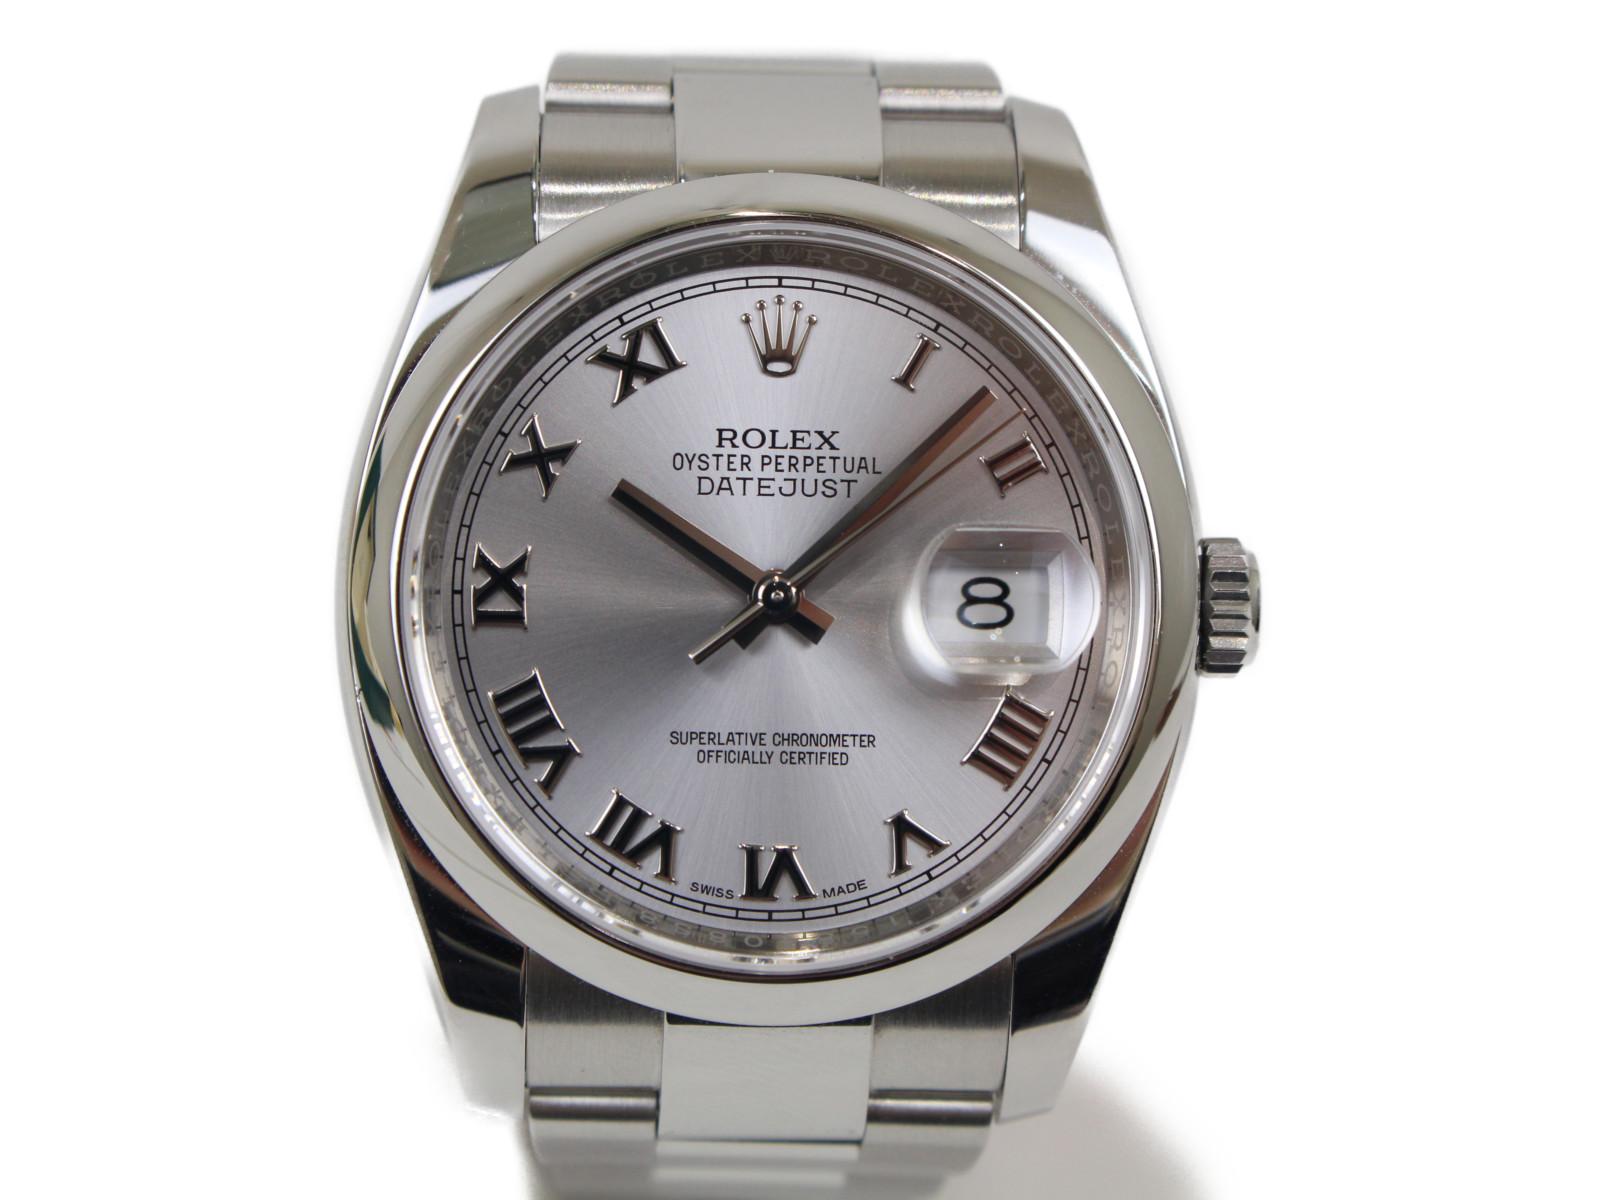 ROLEX ロレックス オイスターパーペチュアル 116200 ランダム 自動巻き デイト SS ステンレススチール シルバー メンズ 腕時計【中古】